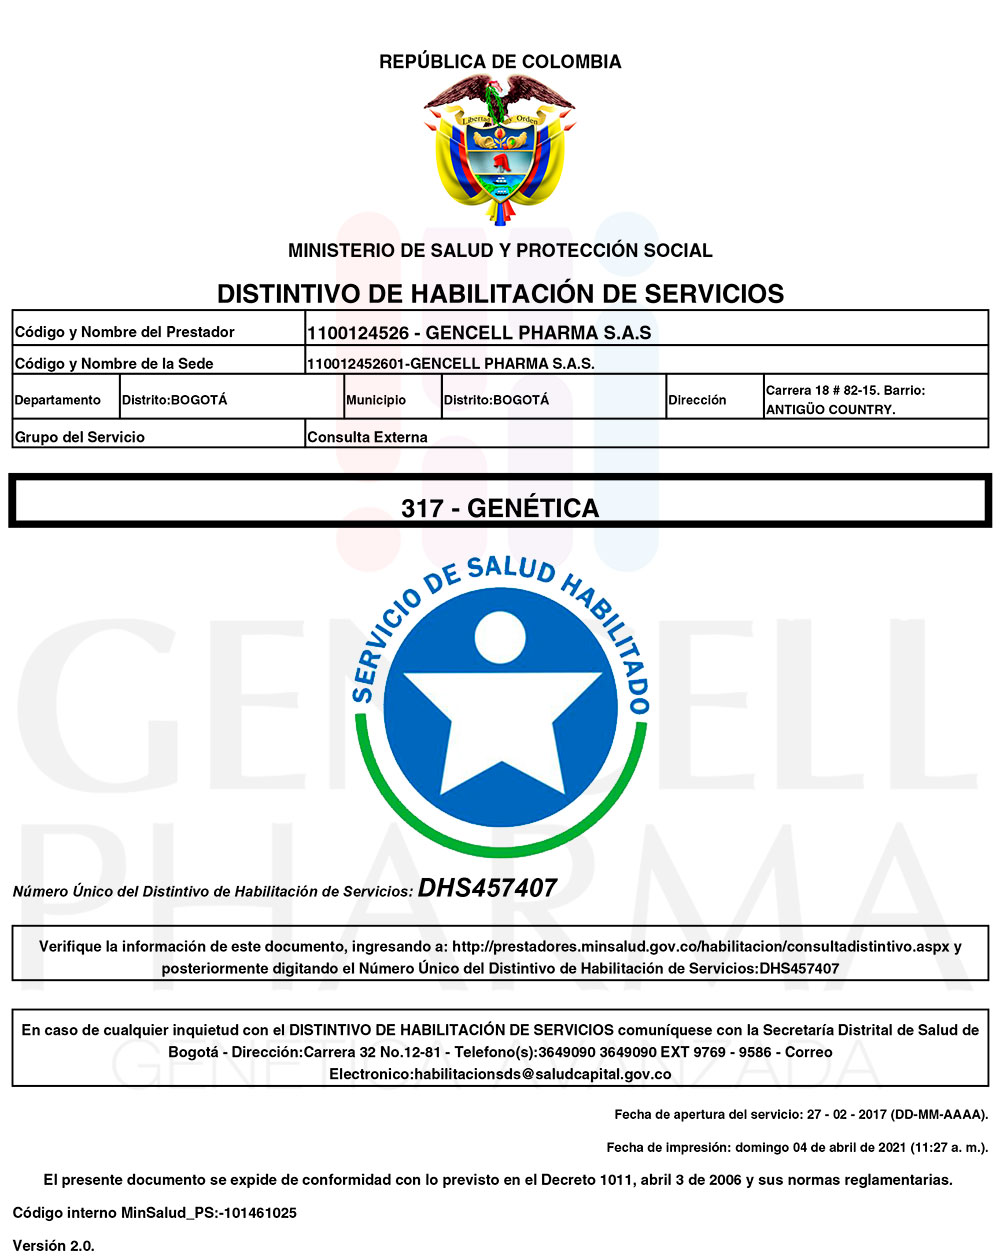 Habilitación Genética - Gencell Pharma